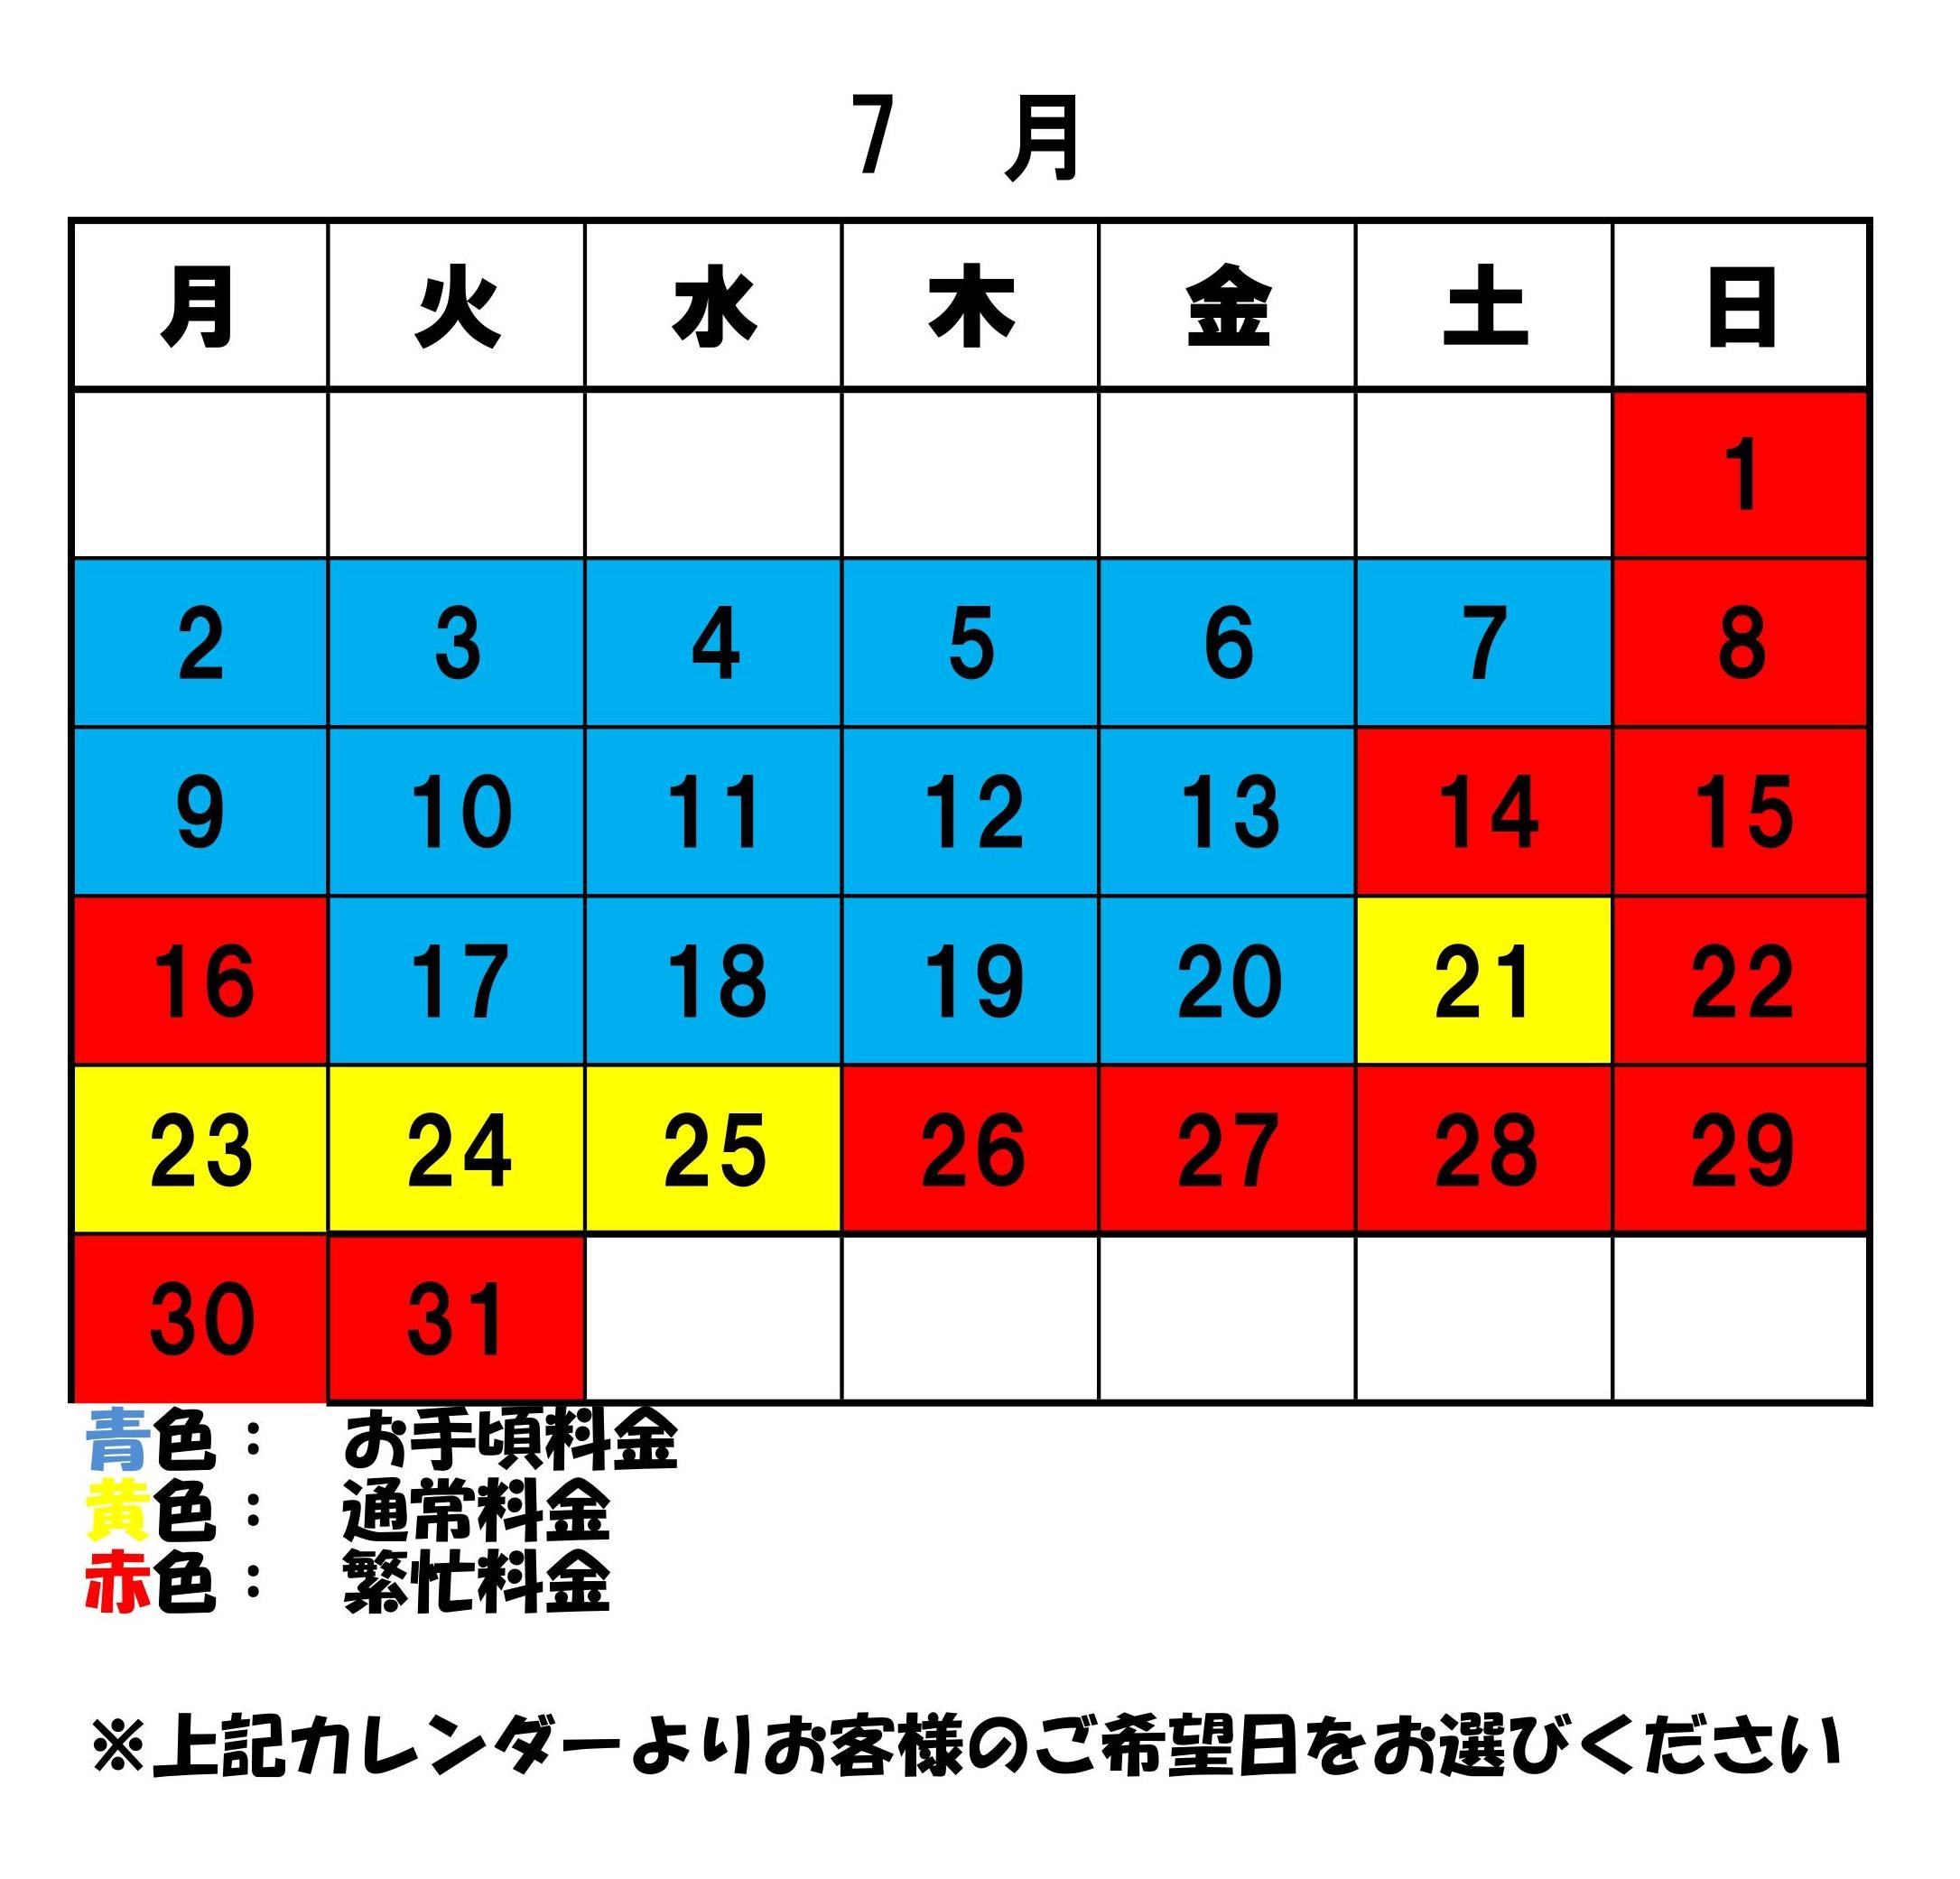 http://www.ikedapiano.co.jp/0001%20%289%29.jpg